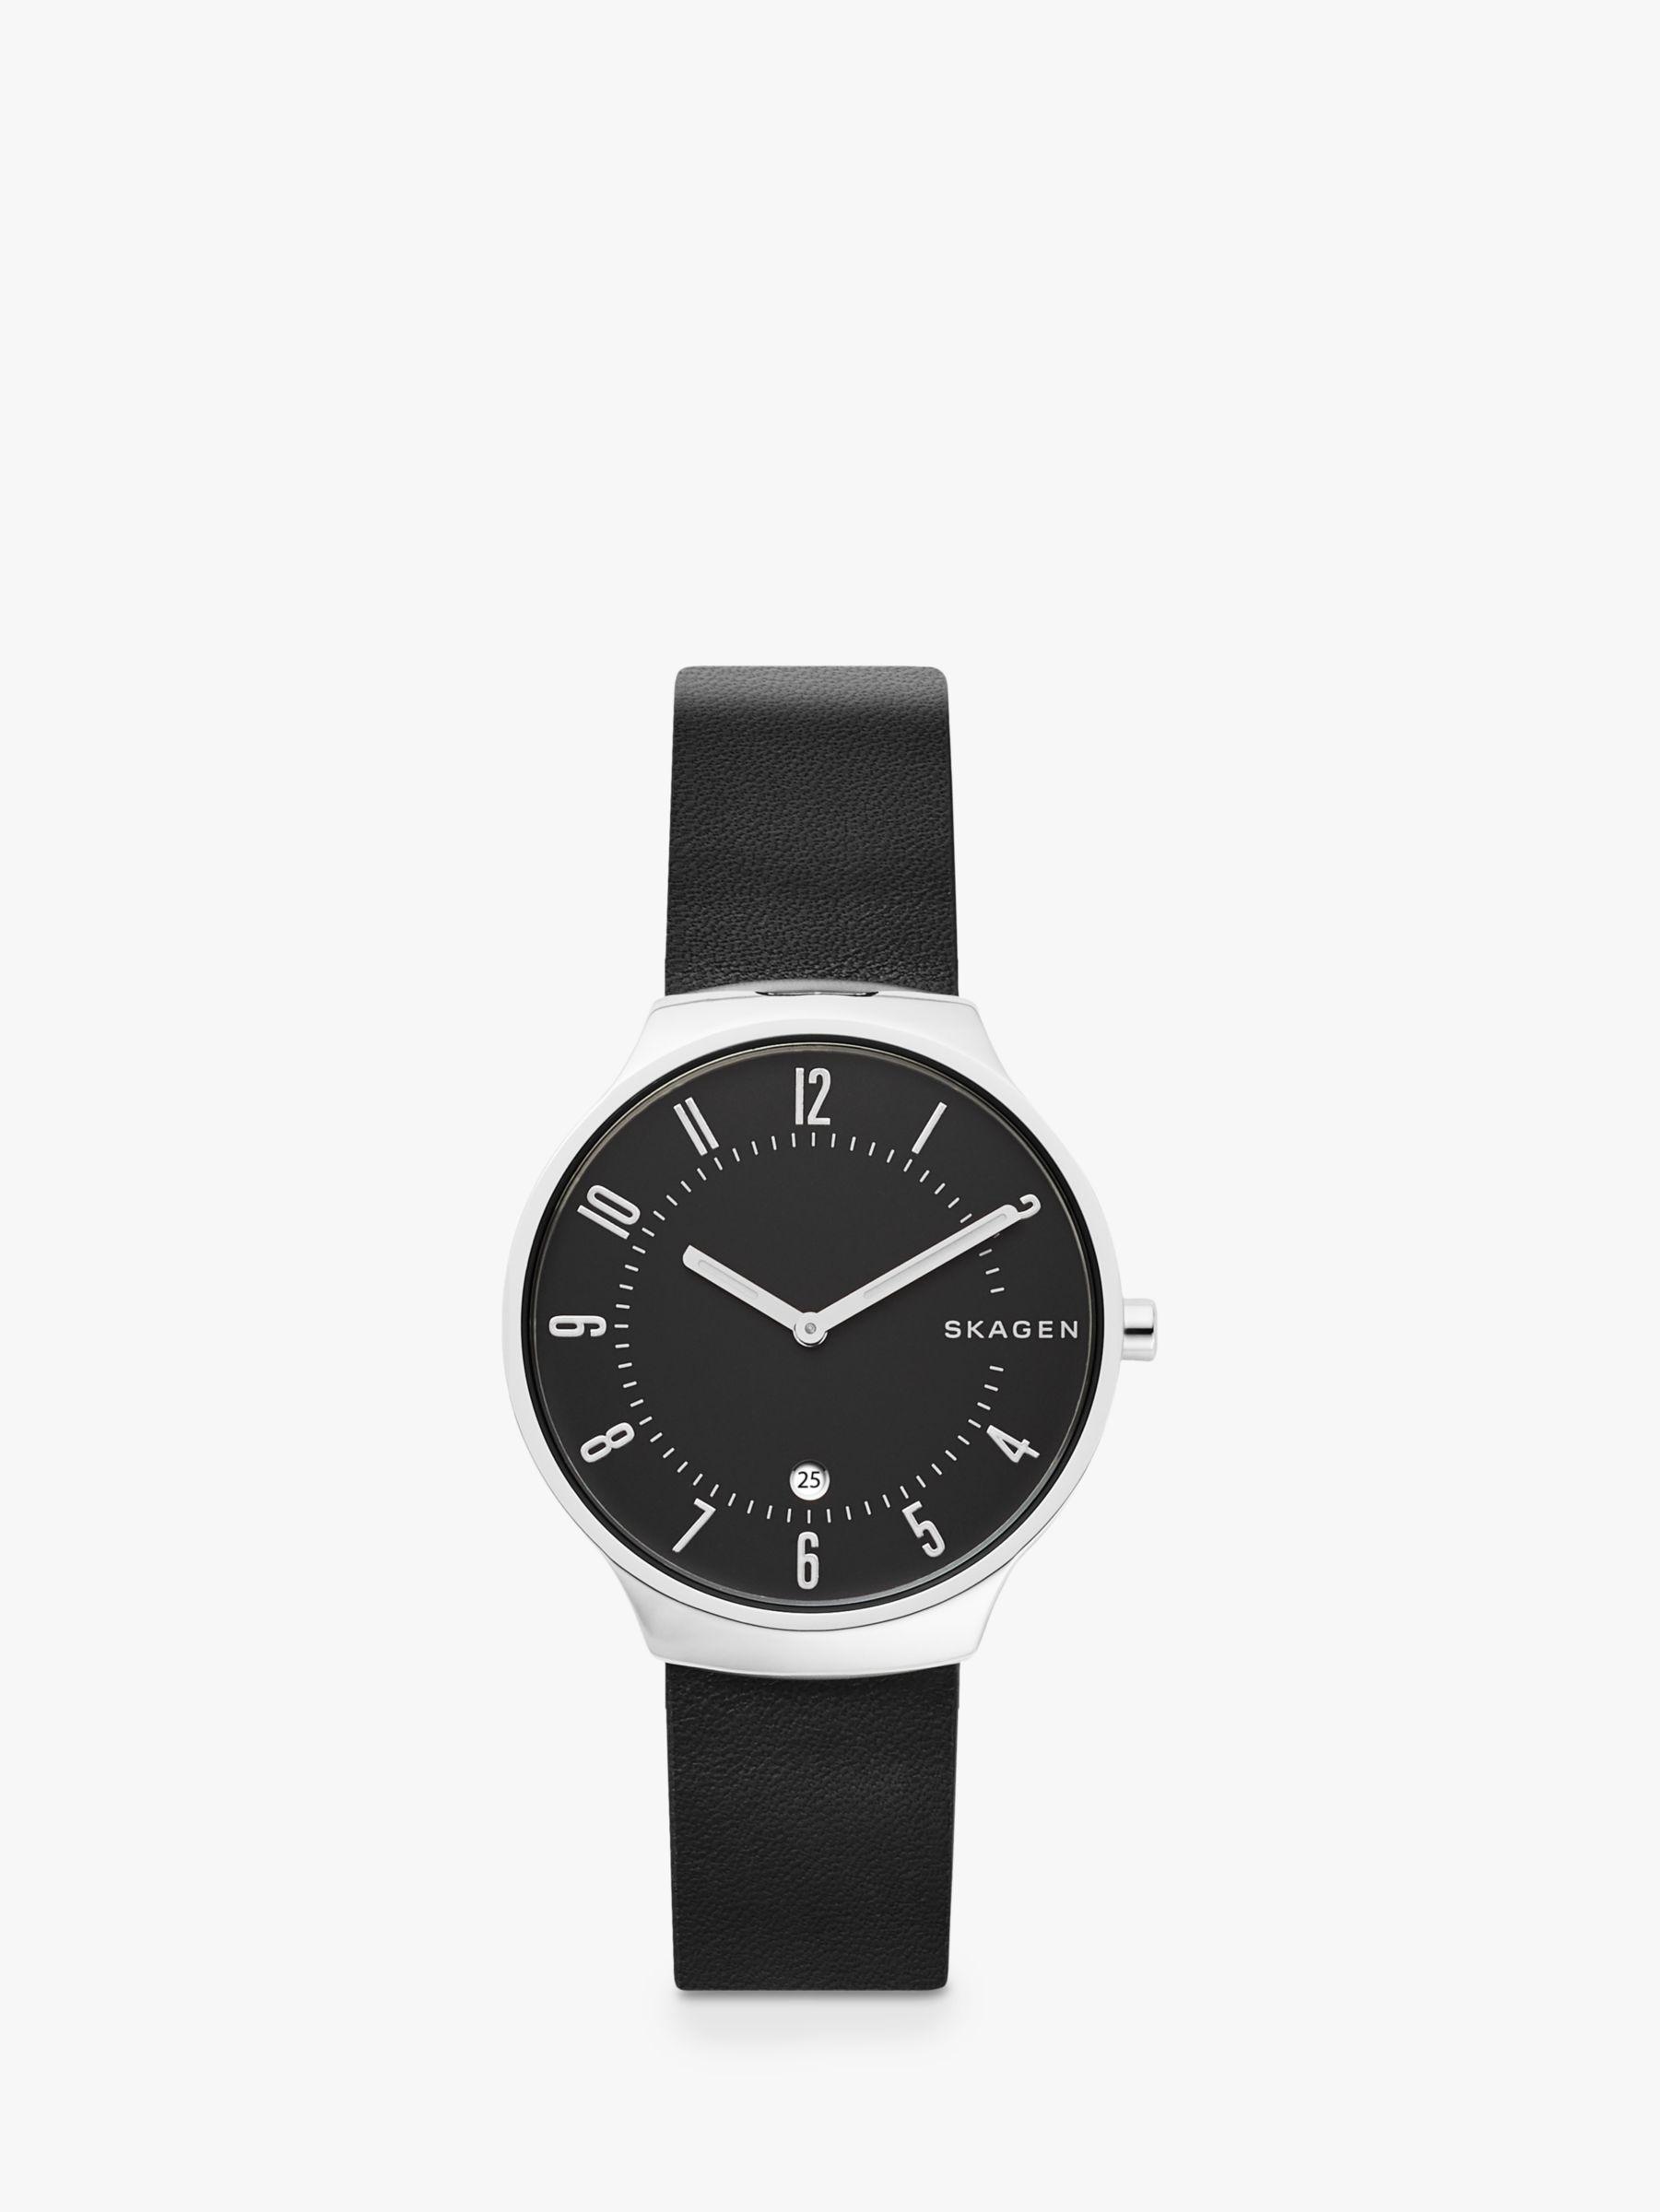 skagen Skagen SKW6459 Men's Grenen Date Leather Strap Watch, Black